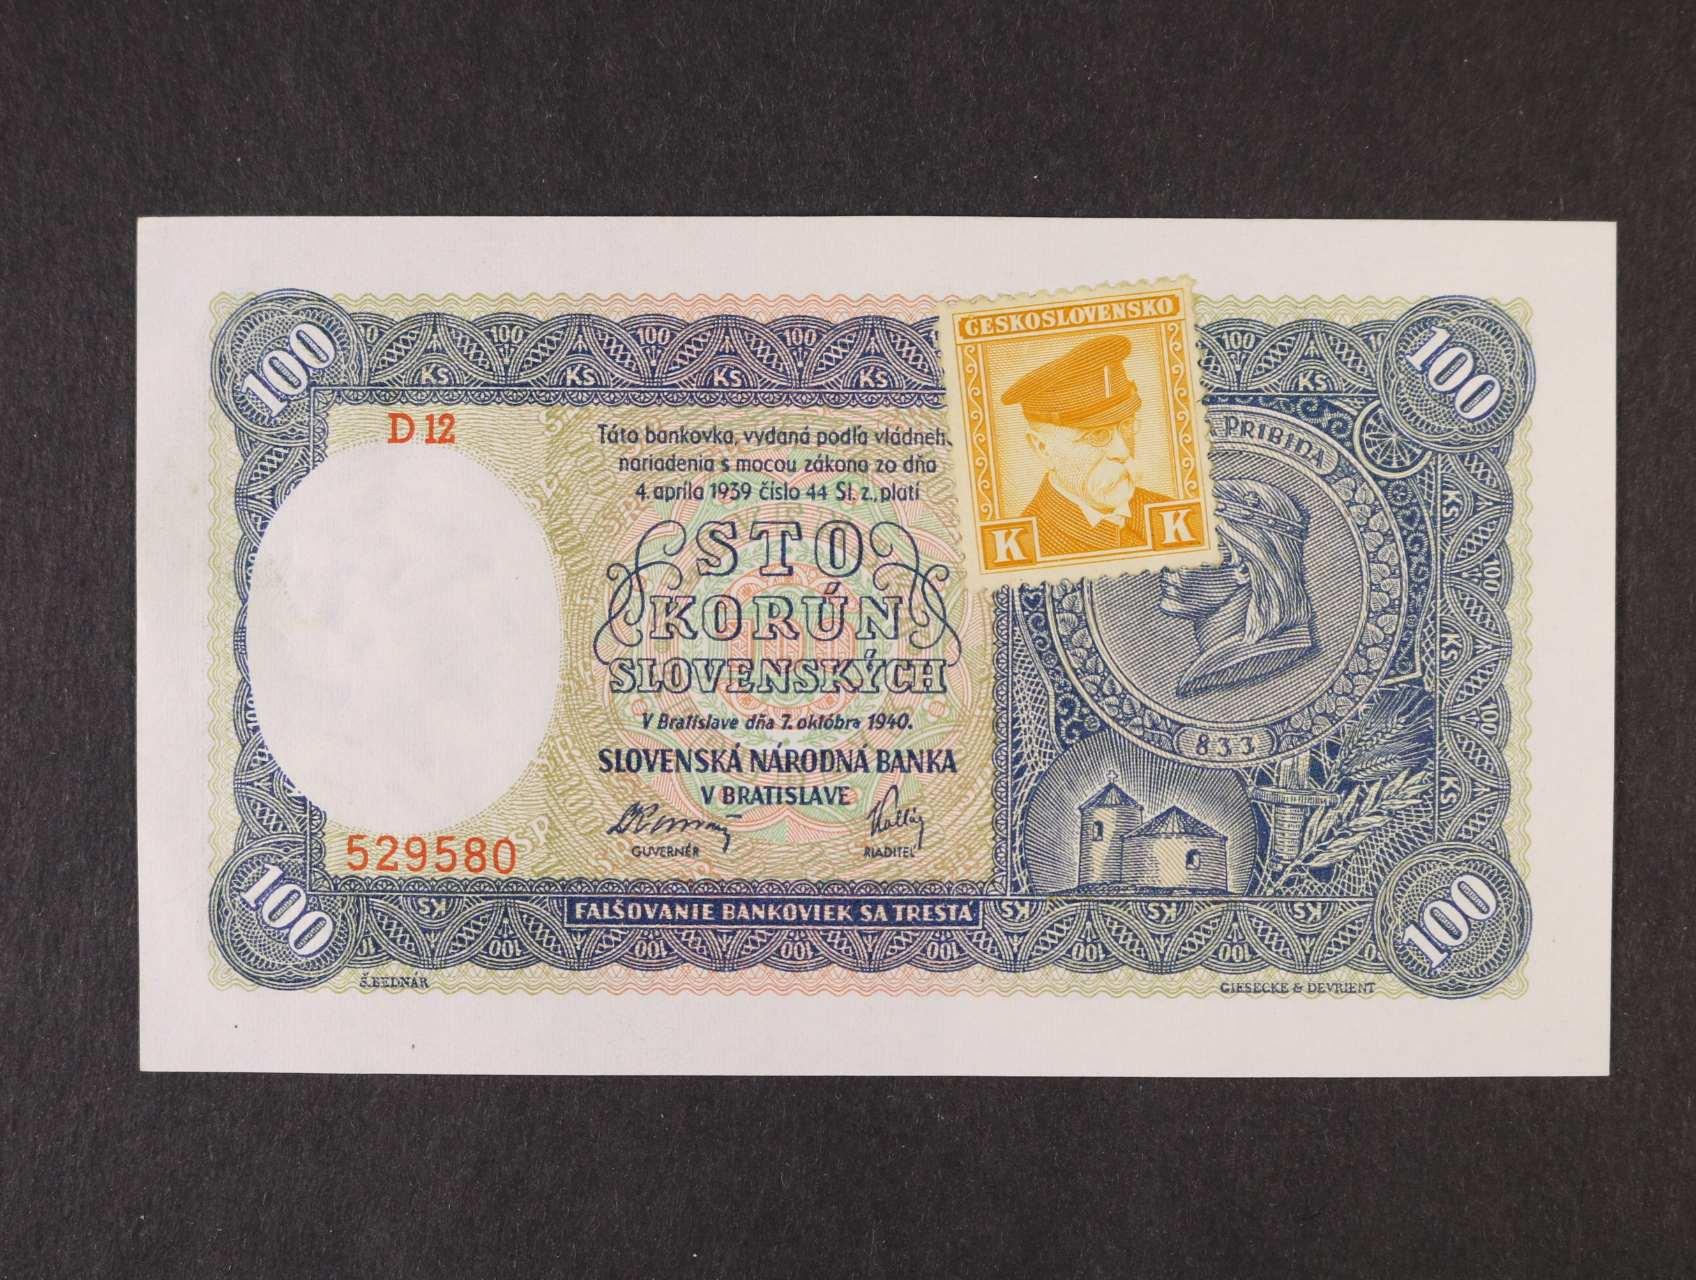 100 Ks 7.10.1940 série D 12 kolkovaná I.vydání, Ba. 62b, Pi. 51a